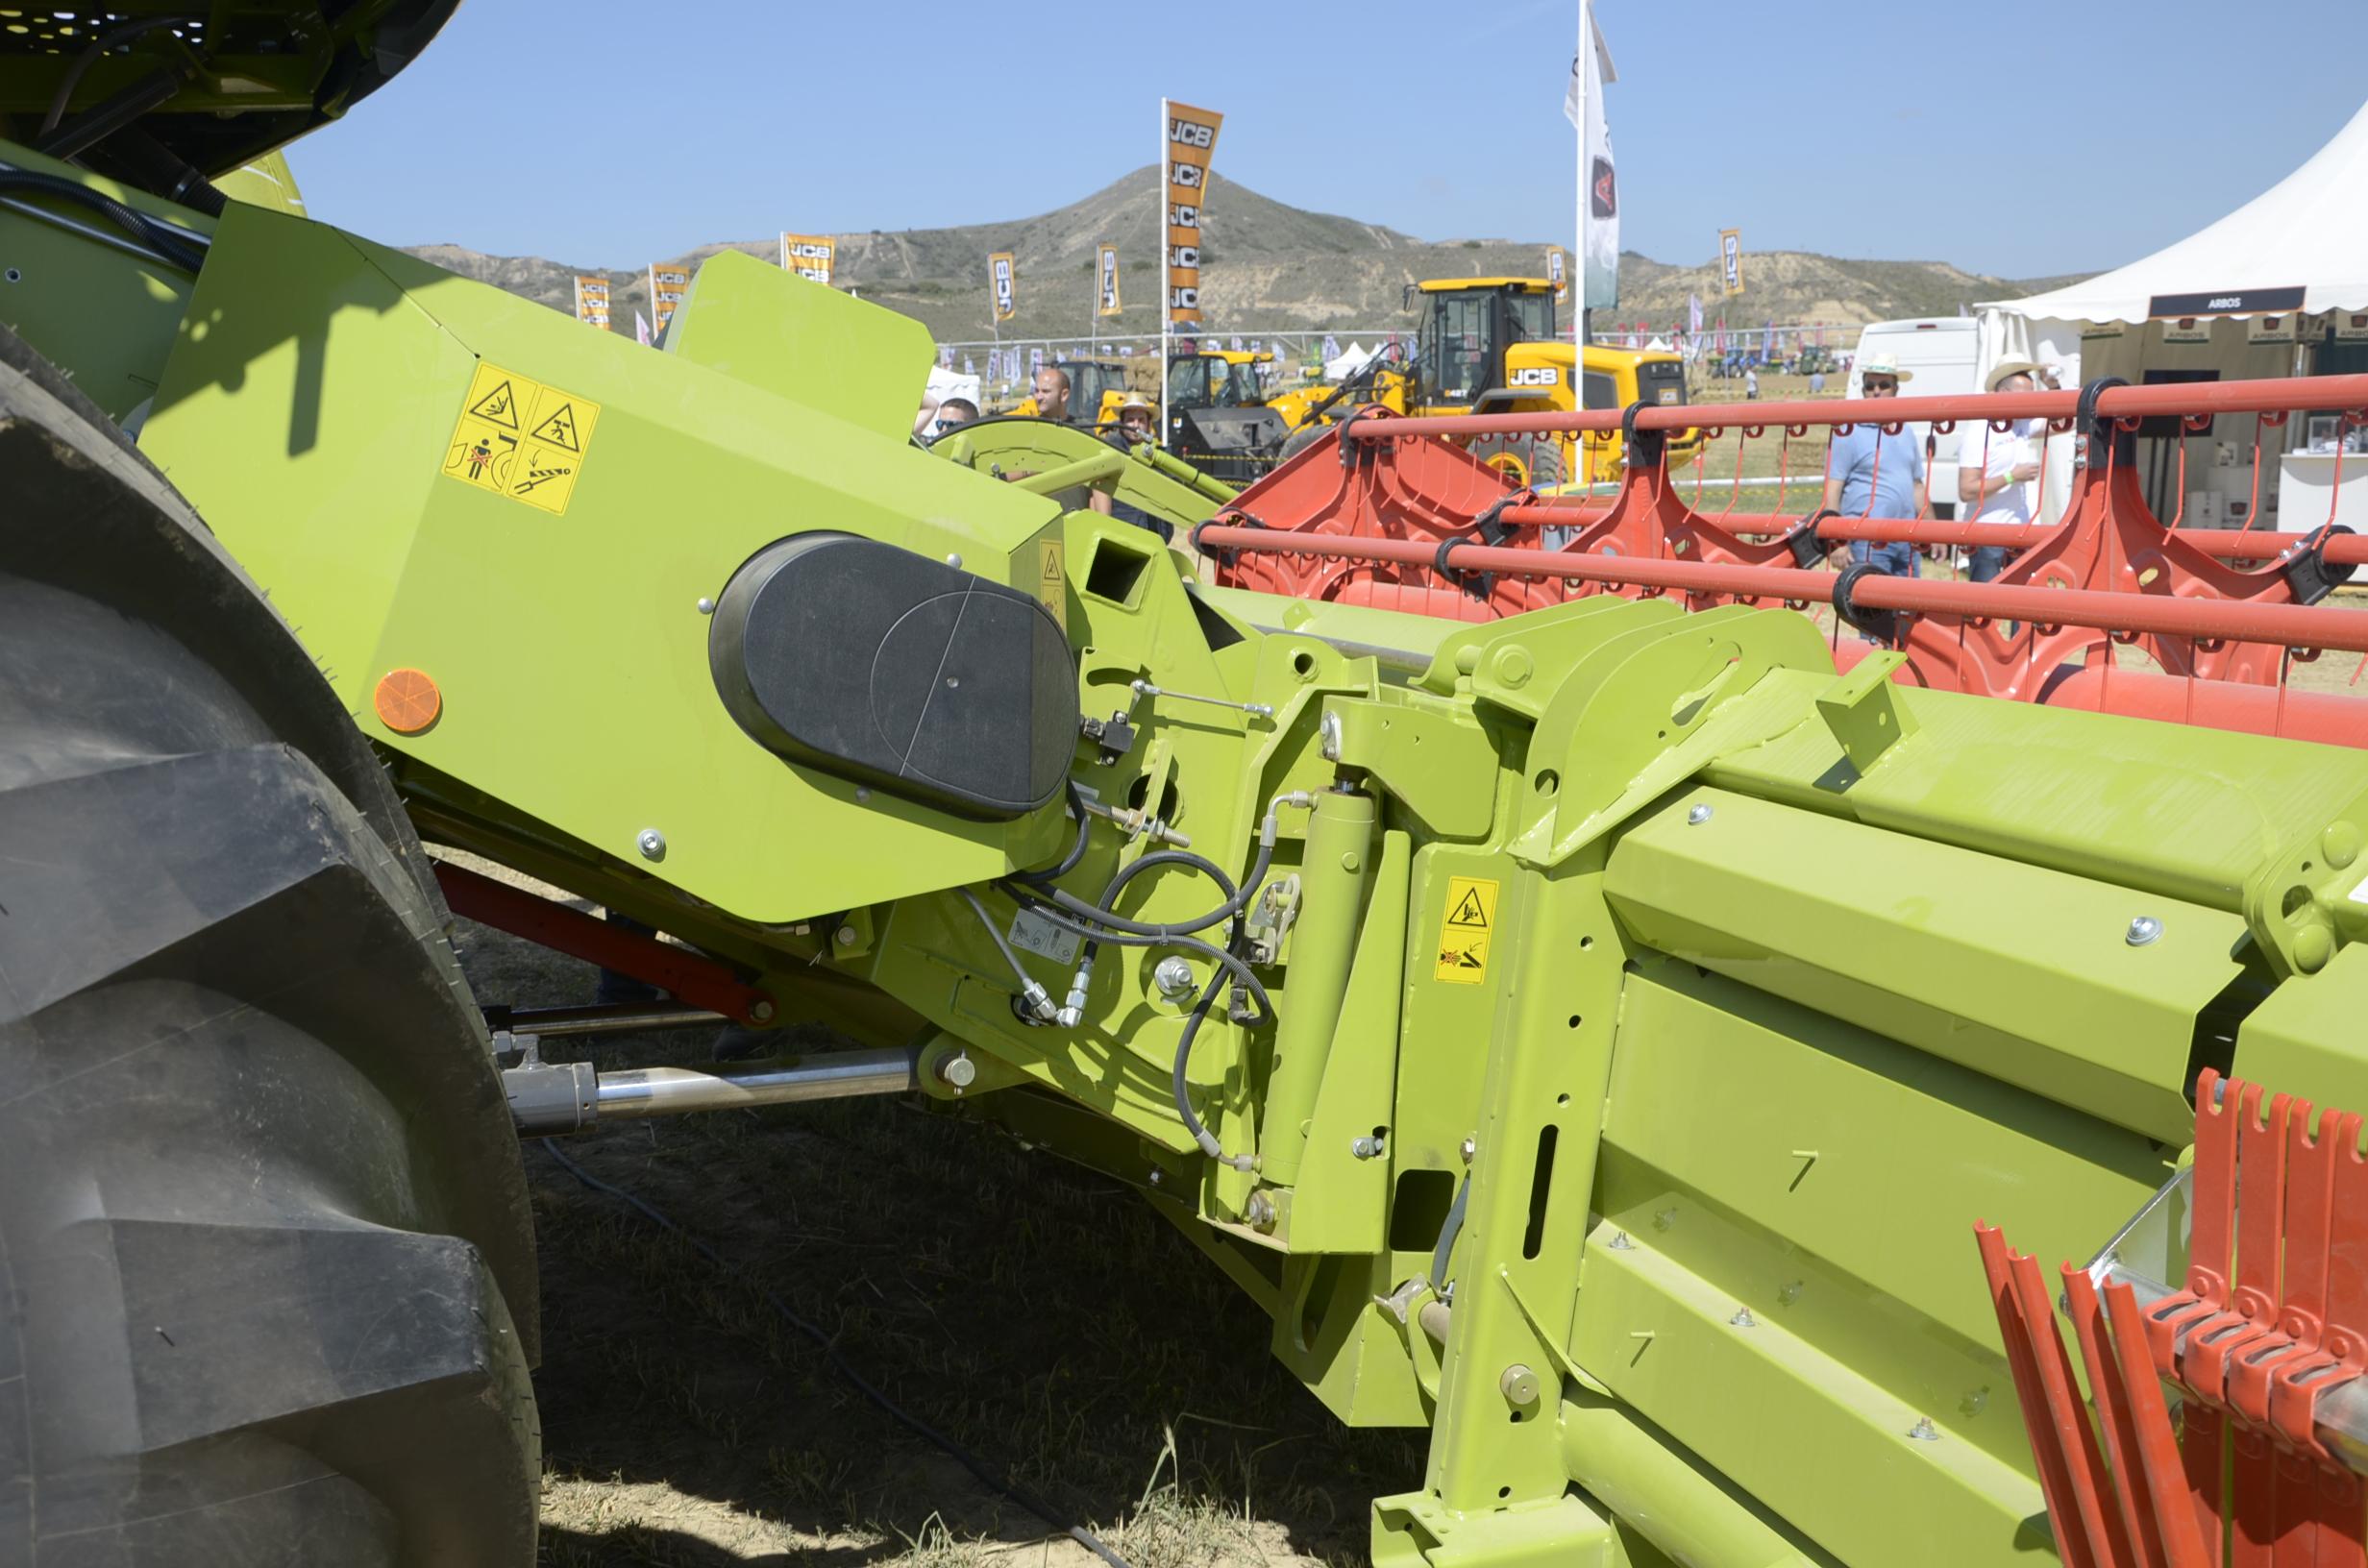 DSC7365